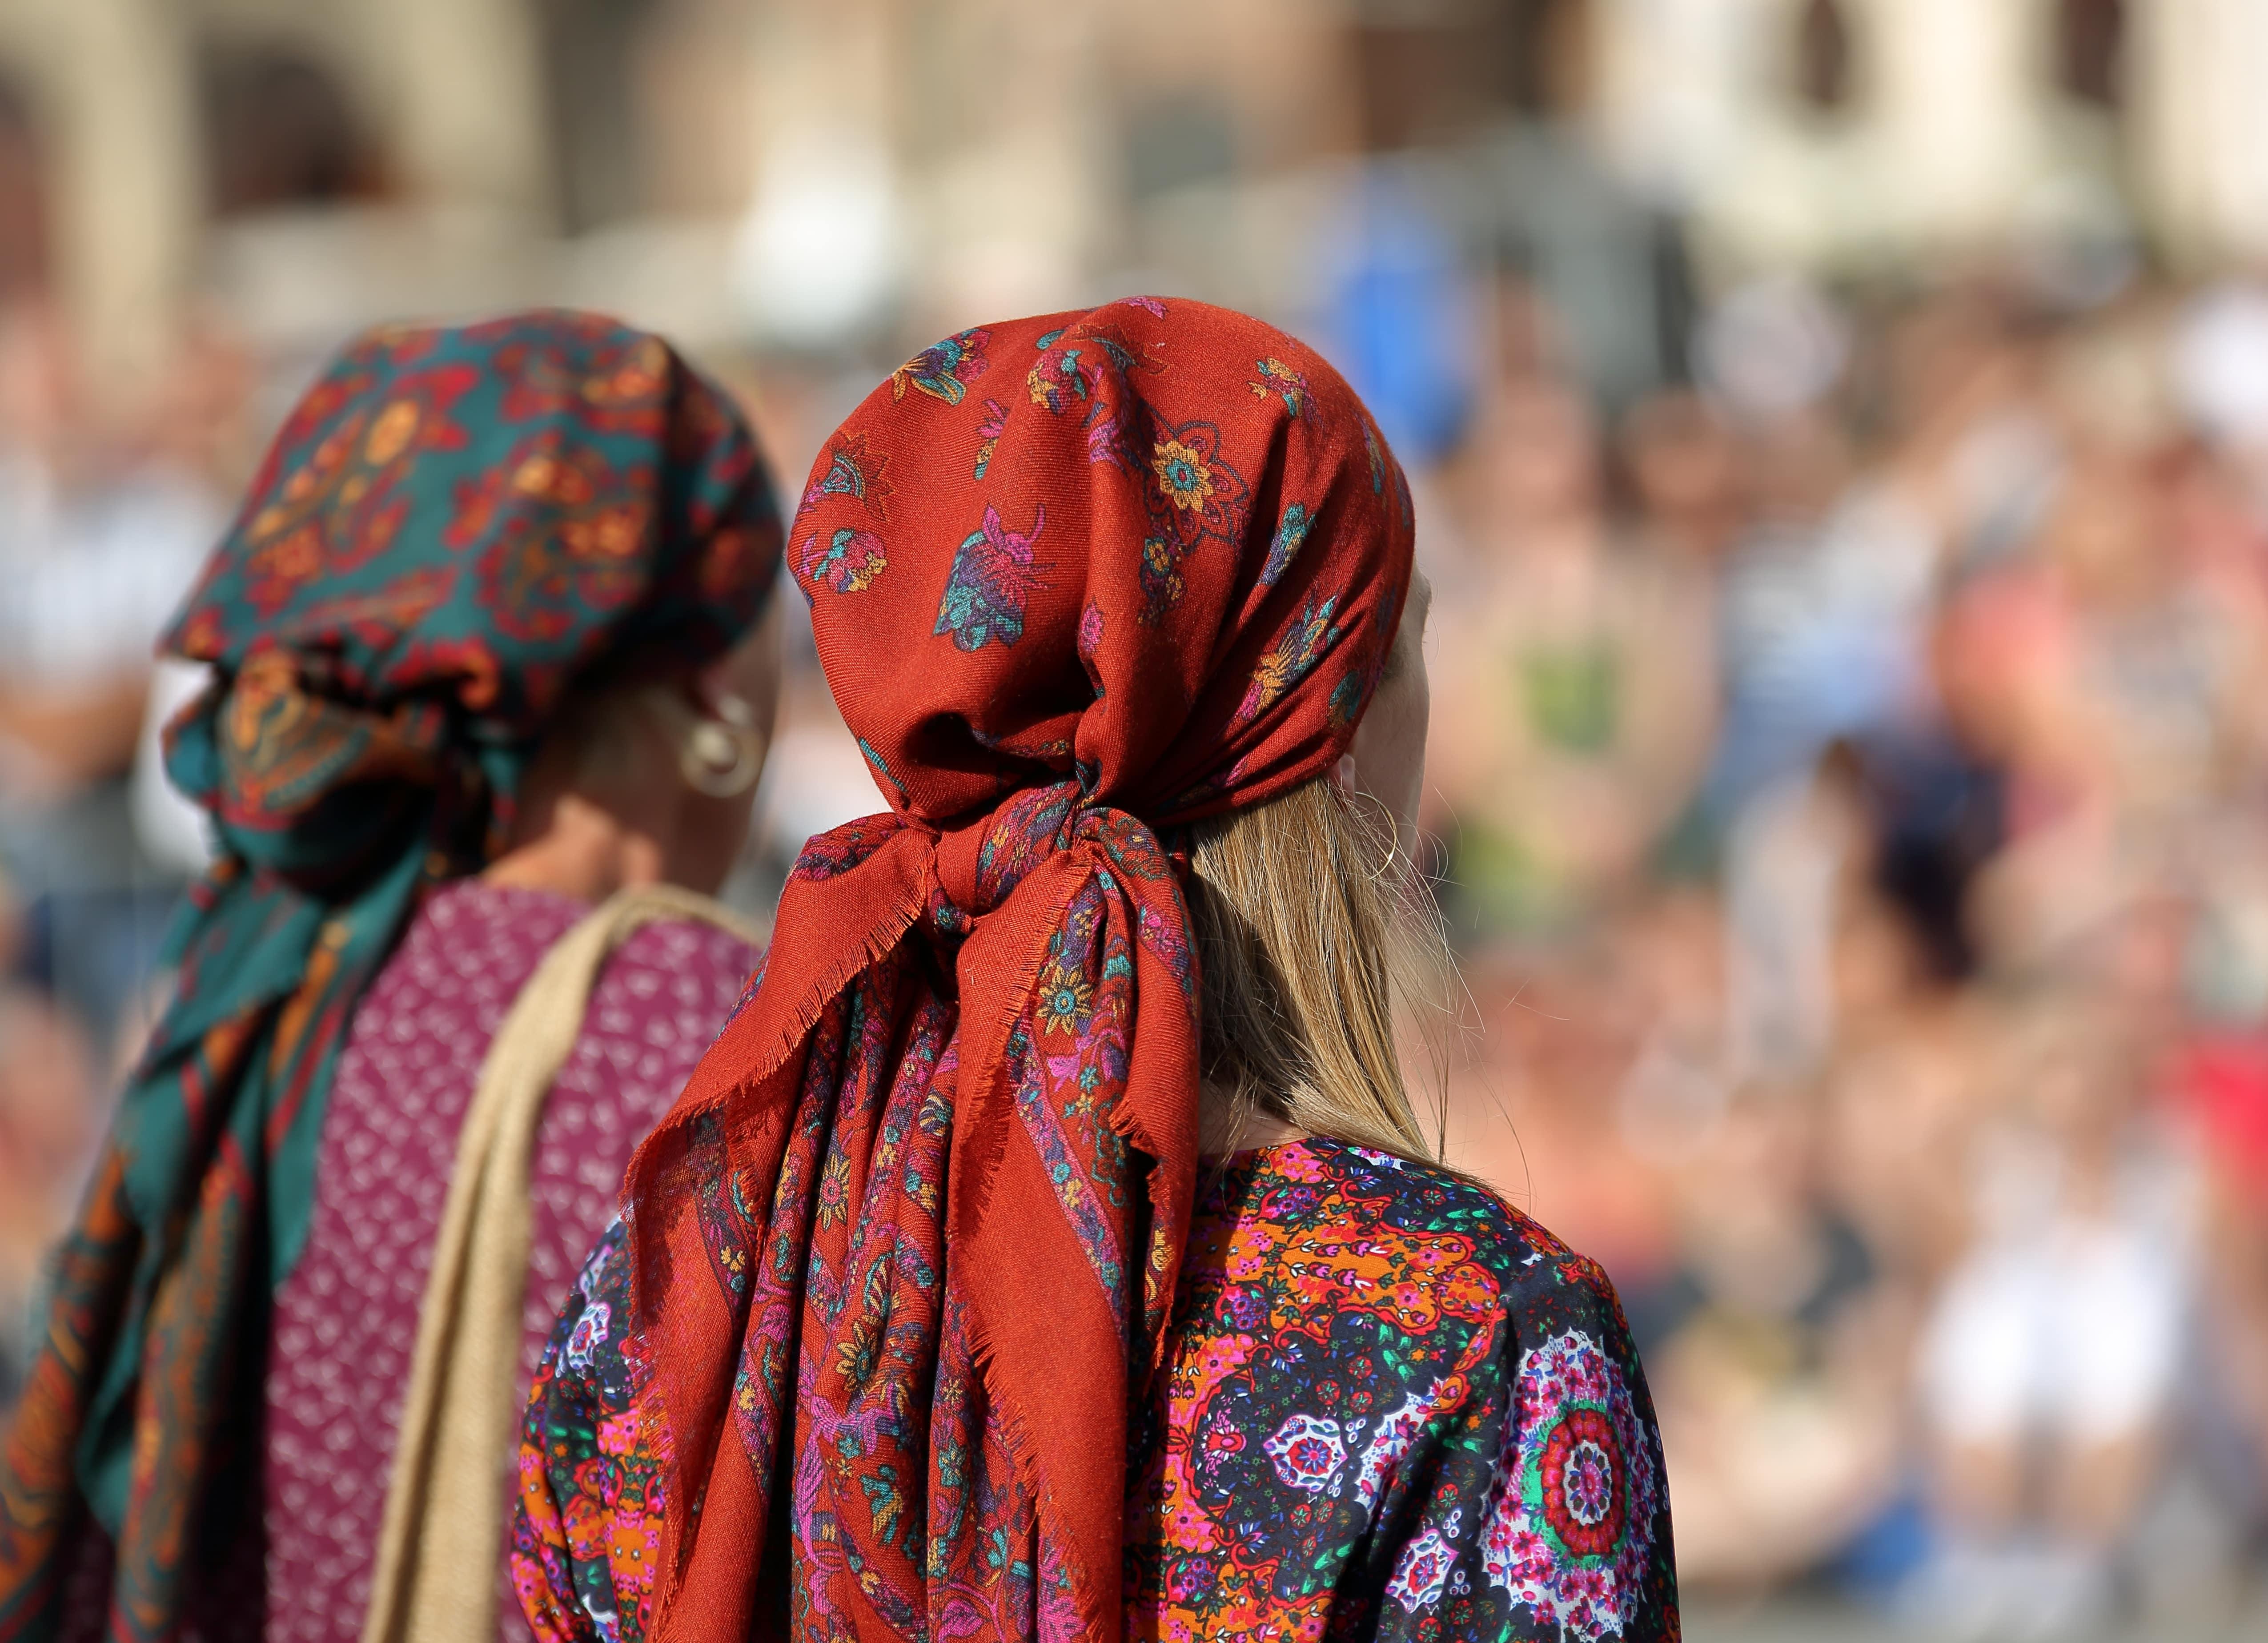 Image représentant des jeunes filles de la communauté des Gens du voyage